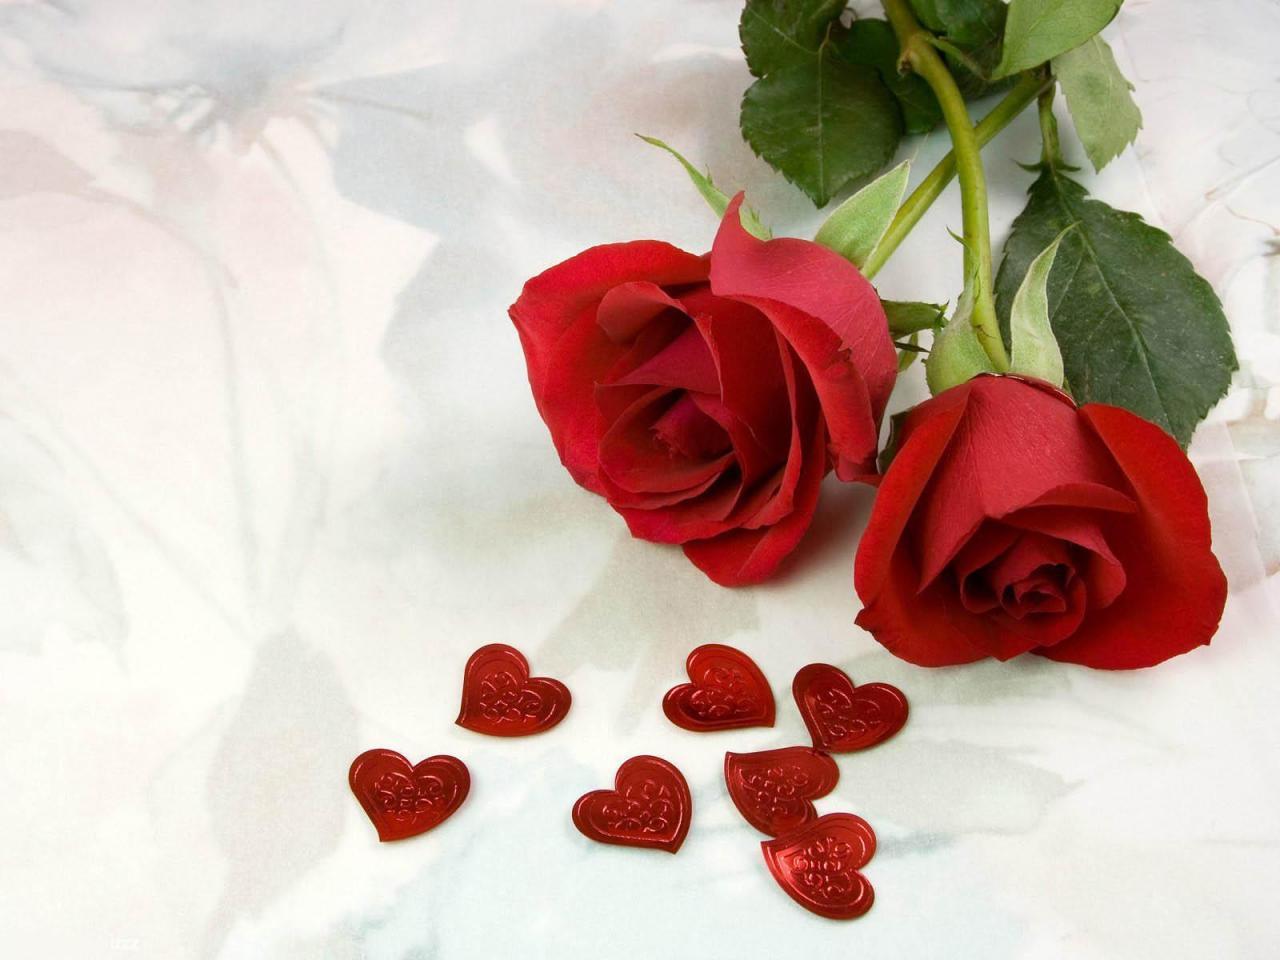 صورة اجمل رومانسيه , رسائل للحب و العشق و الغرام روووعة 667 8